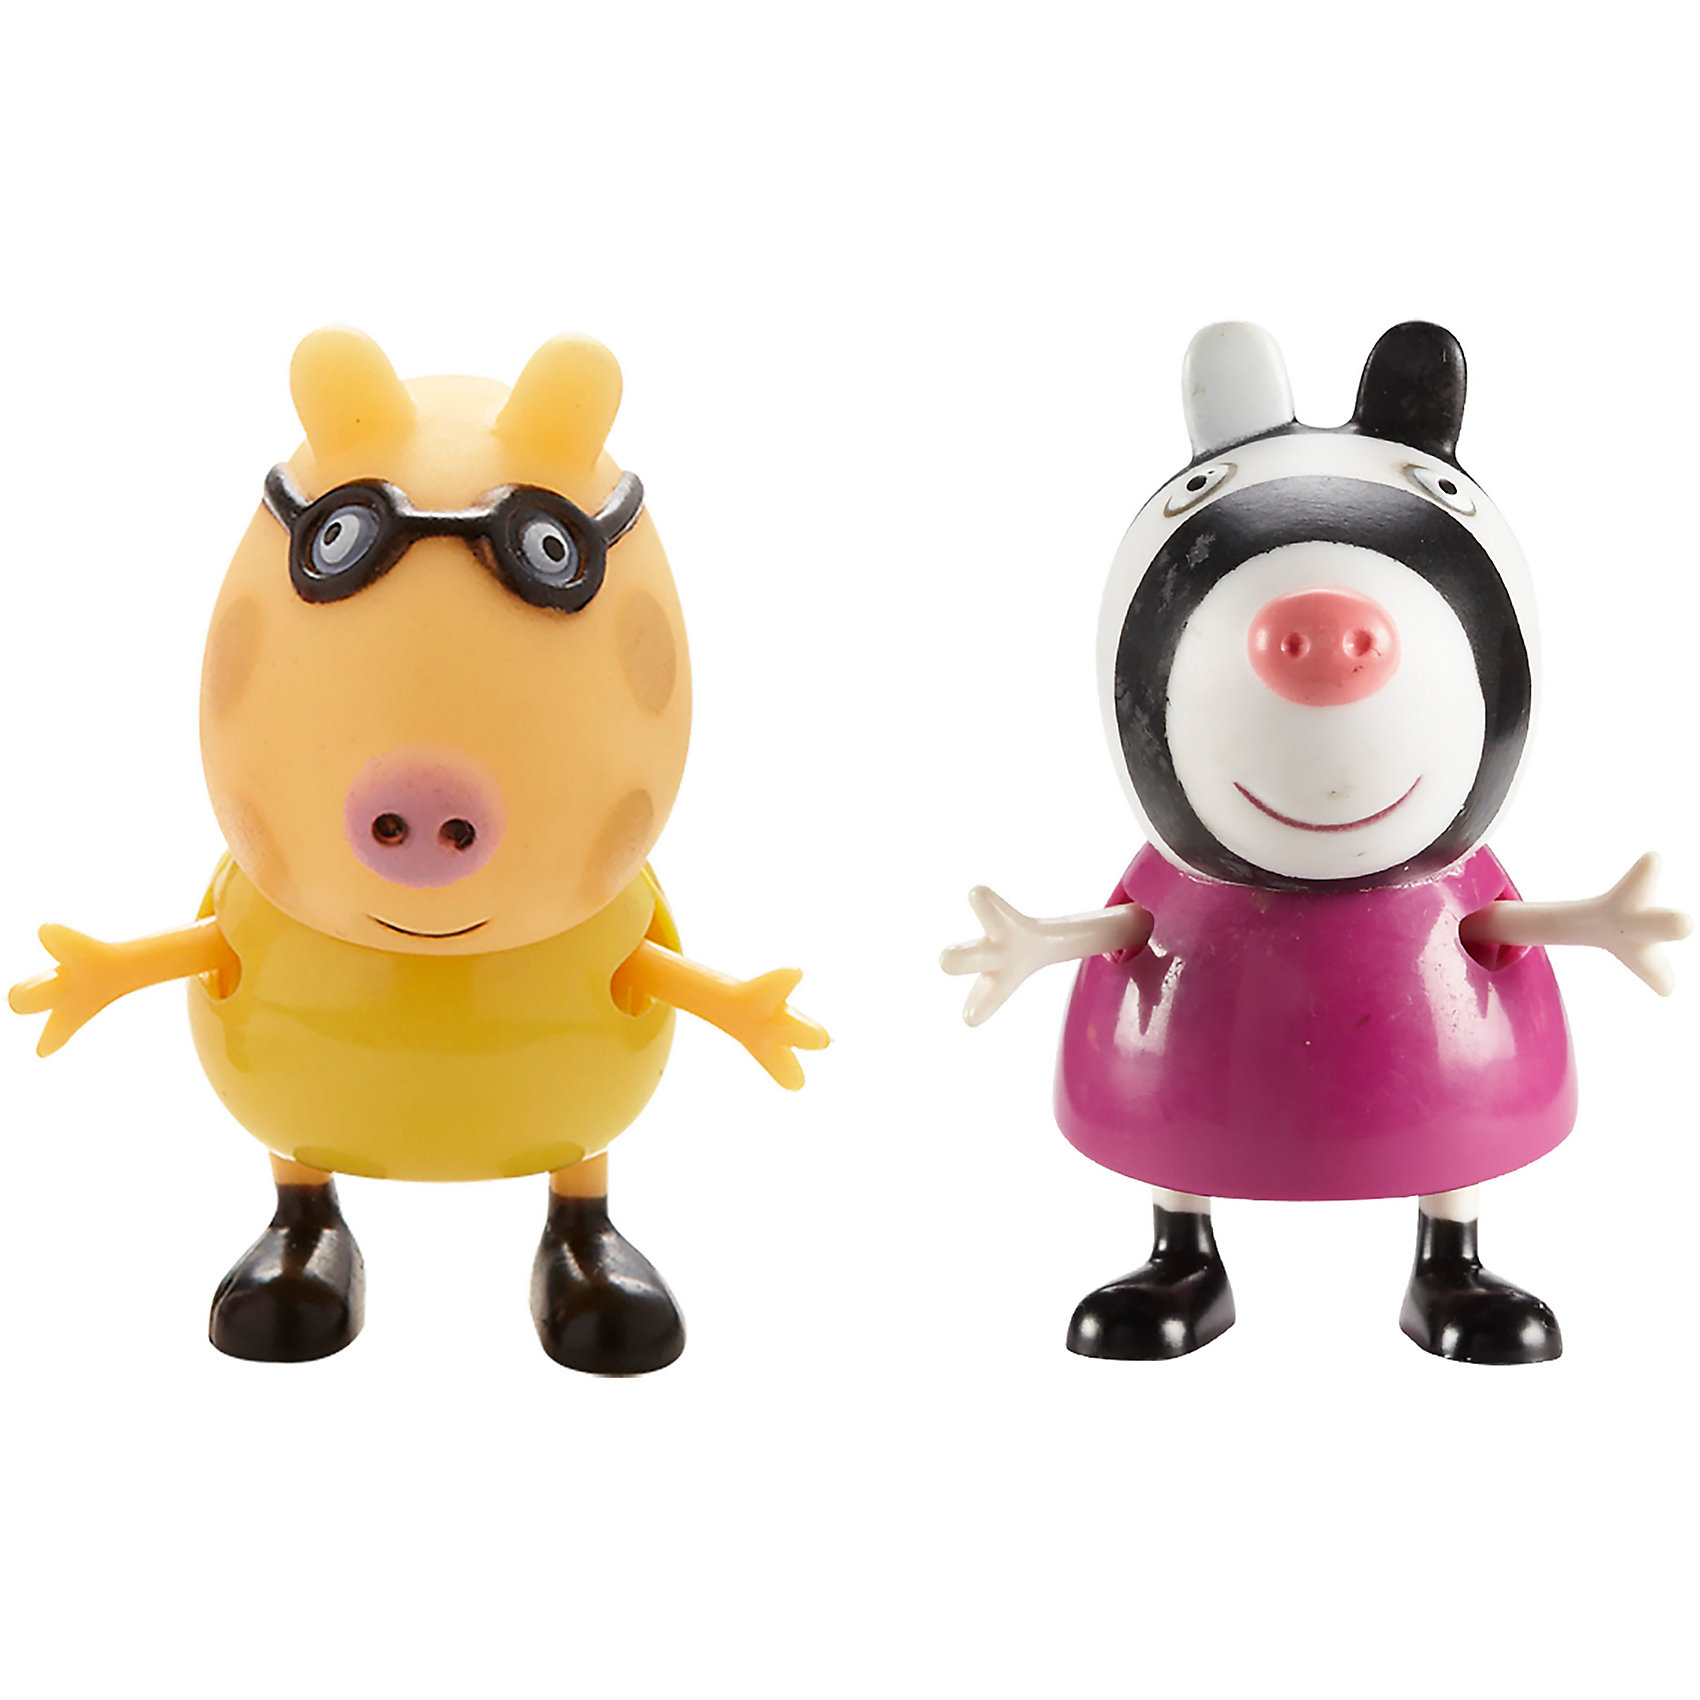 Игровой набор Педро и Зои, Peppa PigИгрушки<br>Игровой набор Педро и Зои, Peppa Pig (Свинка Пеппа). <br><br>Характеристика:<br><br>• Материал: пластик.  <br>• Размер упаковки: 9х16х5 см. <br>• Высота фигурок: 5,5 см.  <br>• Голова, руки, ноги фигурок подвижные. <br>• 2 фигурки в комплекте. <br><br>Этот набор обязательно порадует всех любителей мультсериала Peppa Pig. Яркие фигурки Пони Педро и Зебры Зои выполнены из экологичного пластика, прекрасно детализированы и реалистично раскрашены - очень похожи на героев мультфильма. Собери все фигурки и придумай свои увлекательные и забавные истории с любимыми персонажами!<br><br>Игровой набор Педро и Зои, Peppa Pig (Свинка Пеппа), можно купить в нашем интернет-магазине.<br><br>Ширина мм: 90<br>Глубина мм: 160<br>Высота мм: 50<br>Вес г: 60<br>Возраст от месяцев: 36<br>Возраст до месяцев: 2147483647<br>Пол: Унисекс<br>Возраст: Детский<br>SKU: 5211676